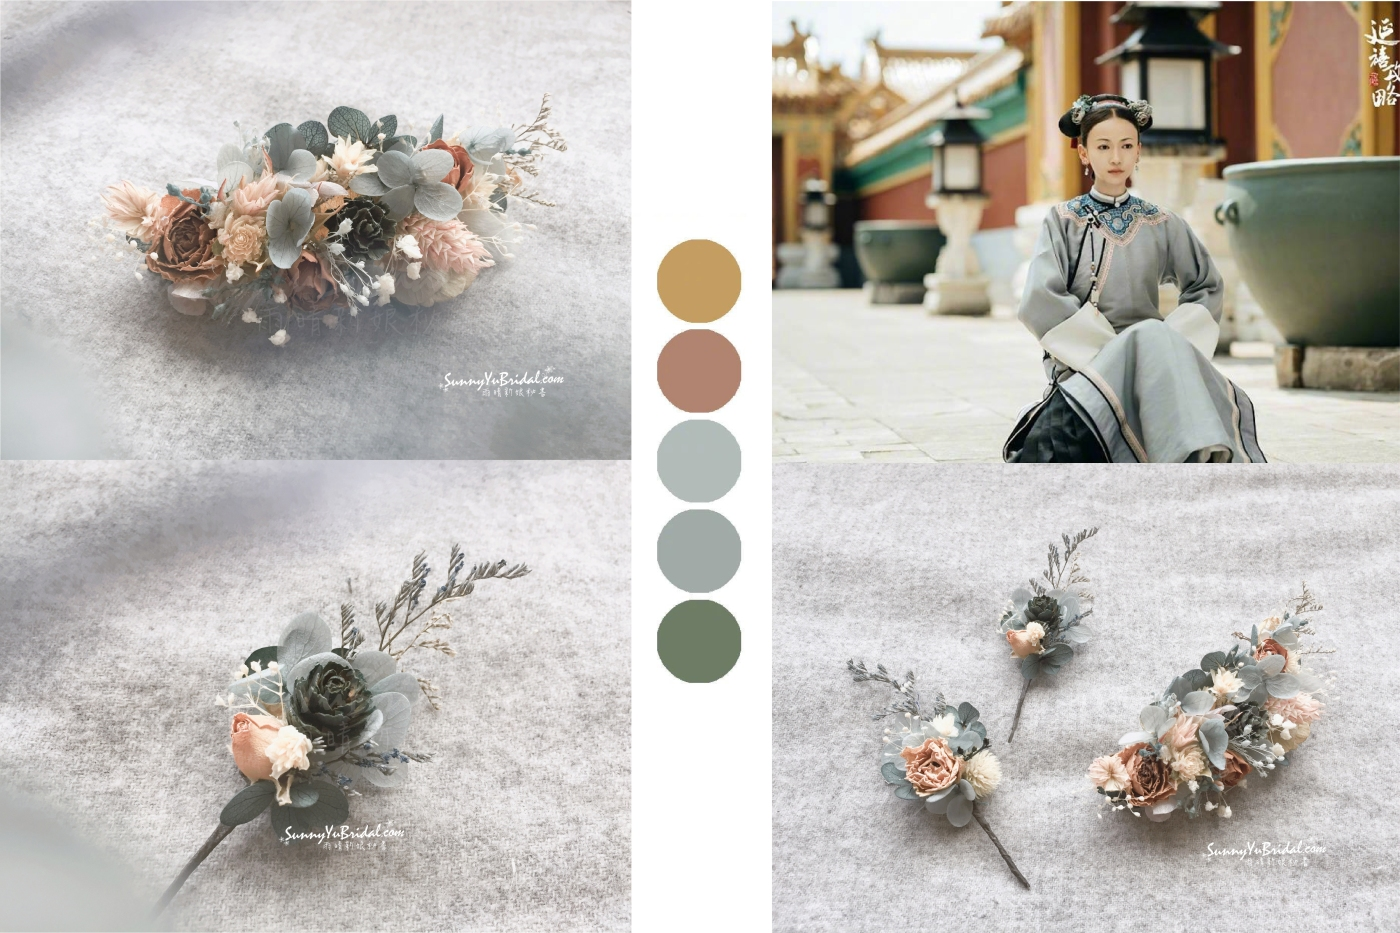 莫蘭迪配色色調|台北新娘秘書|台北內湖南港新秘推薦雨晴|手作新娘飾品|雨晴手作|延禧攻略|乾燥不凋花新娘飾品|乾燥花新娘造型|中國復古色|灰綠色|